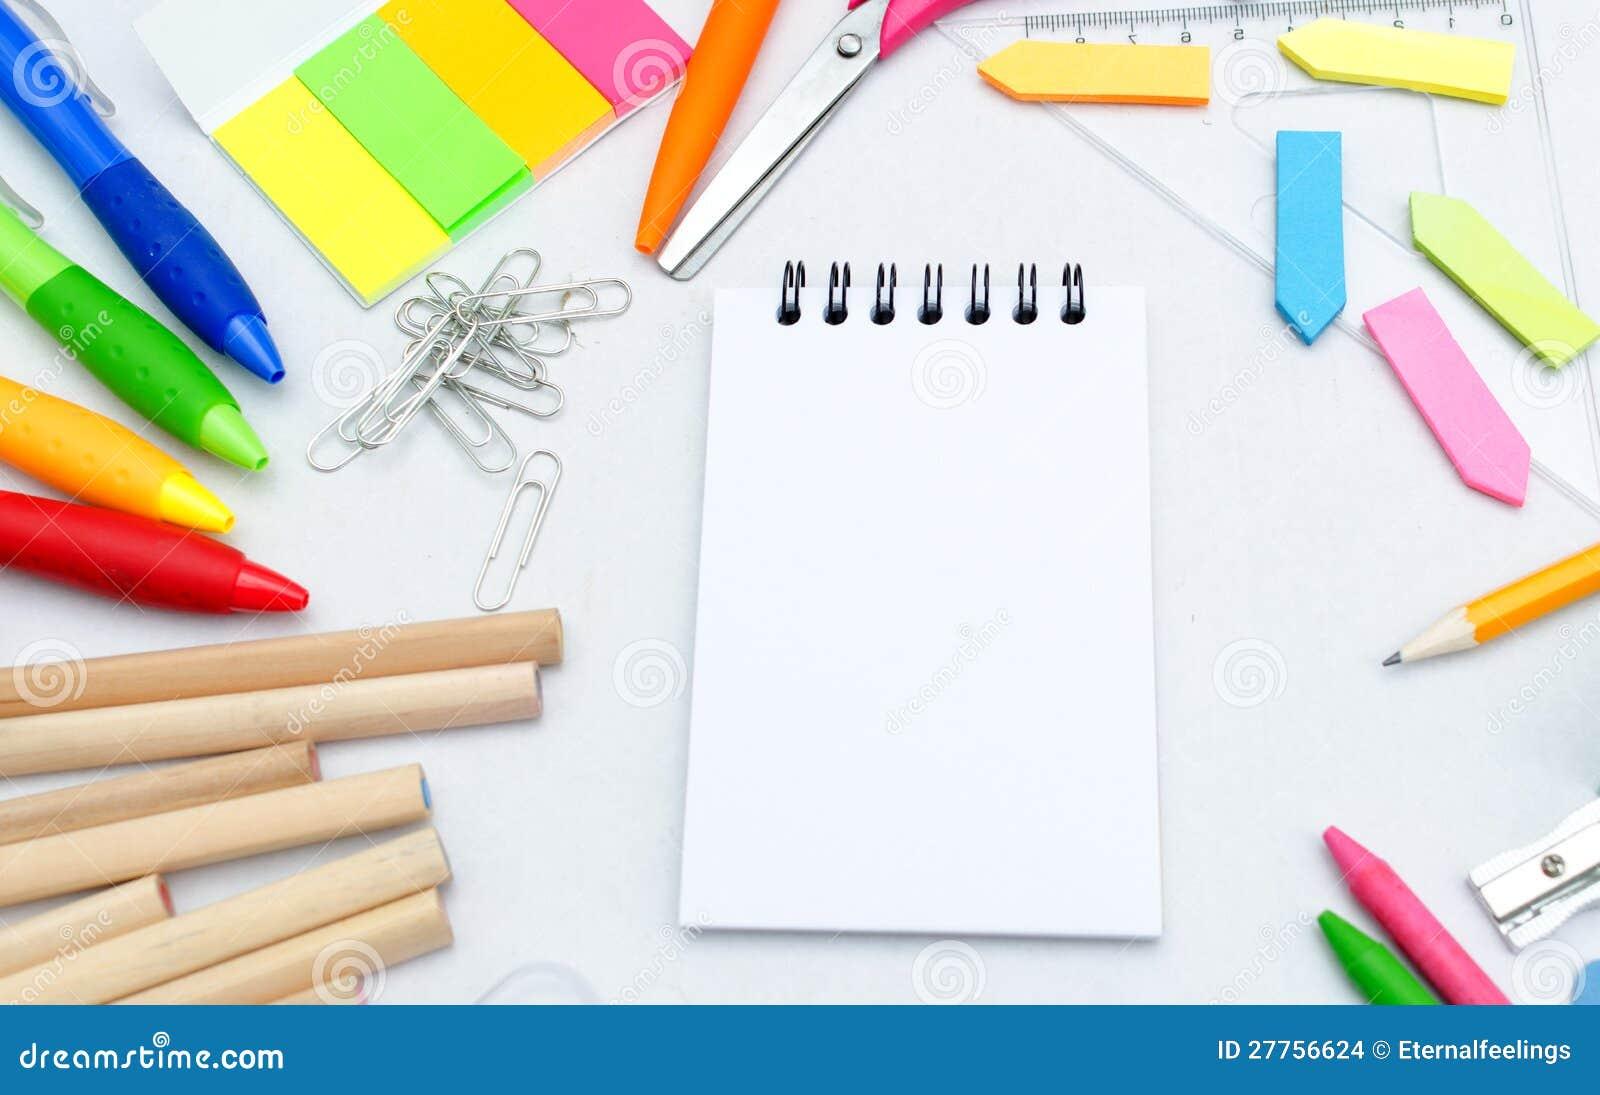 Accessoires d école